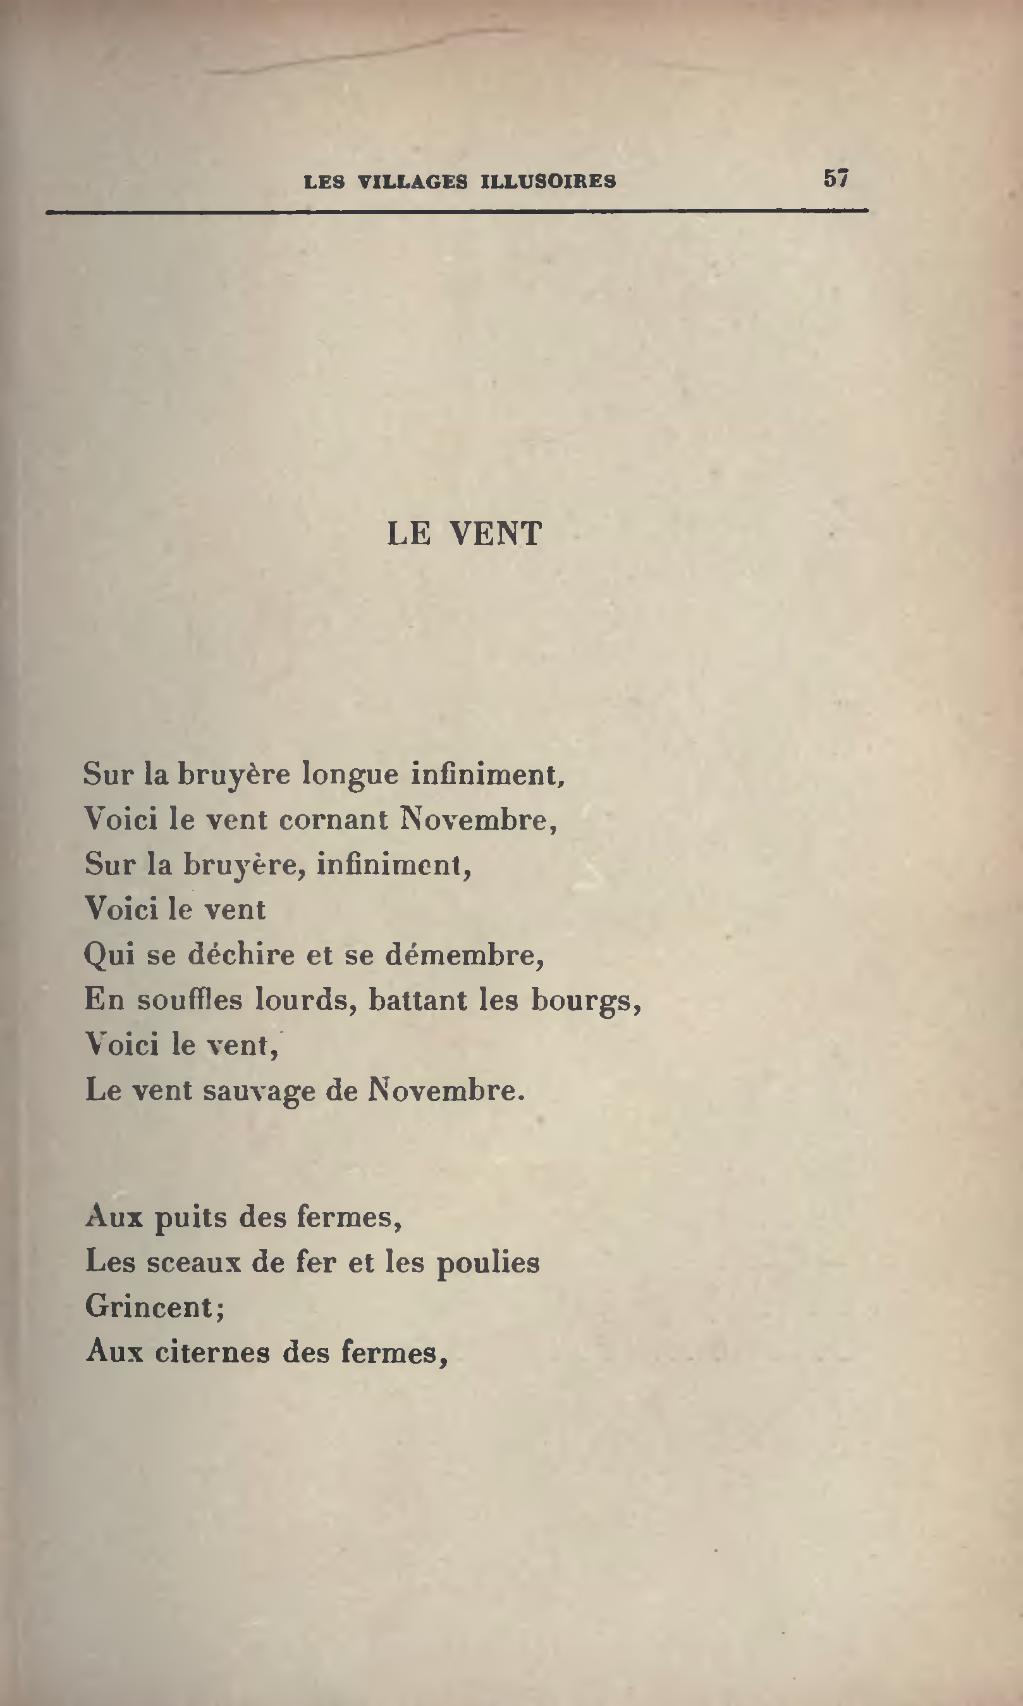 Pageverhaeren Poèmes T3djvu67 Wikisource